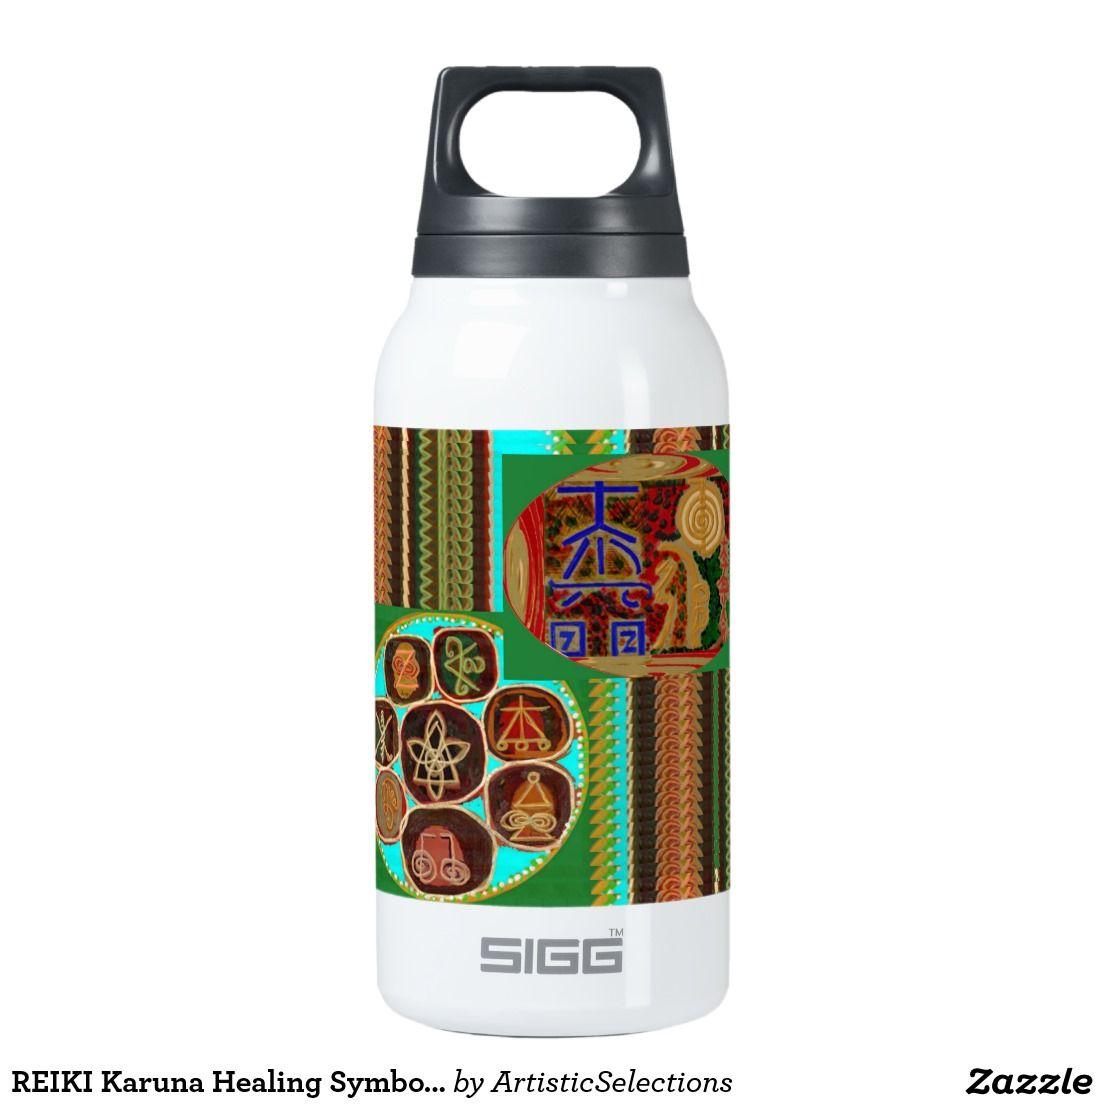 Reiki Karuna Healing Symbols Vintage Care 99 Thermos Water Bottle